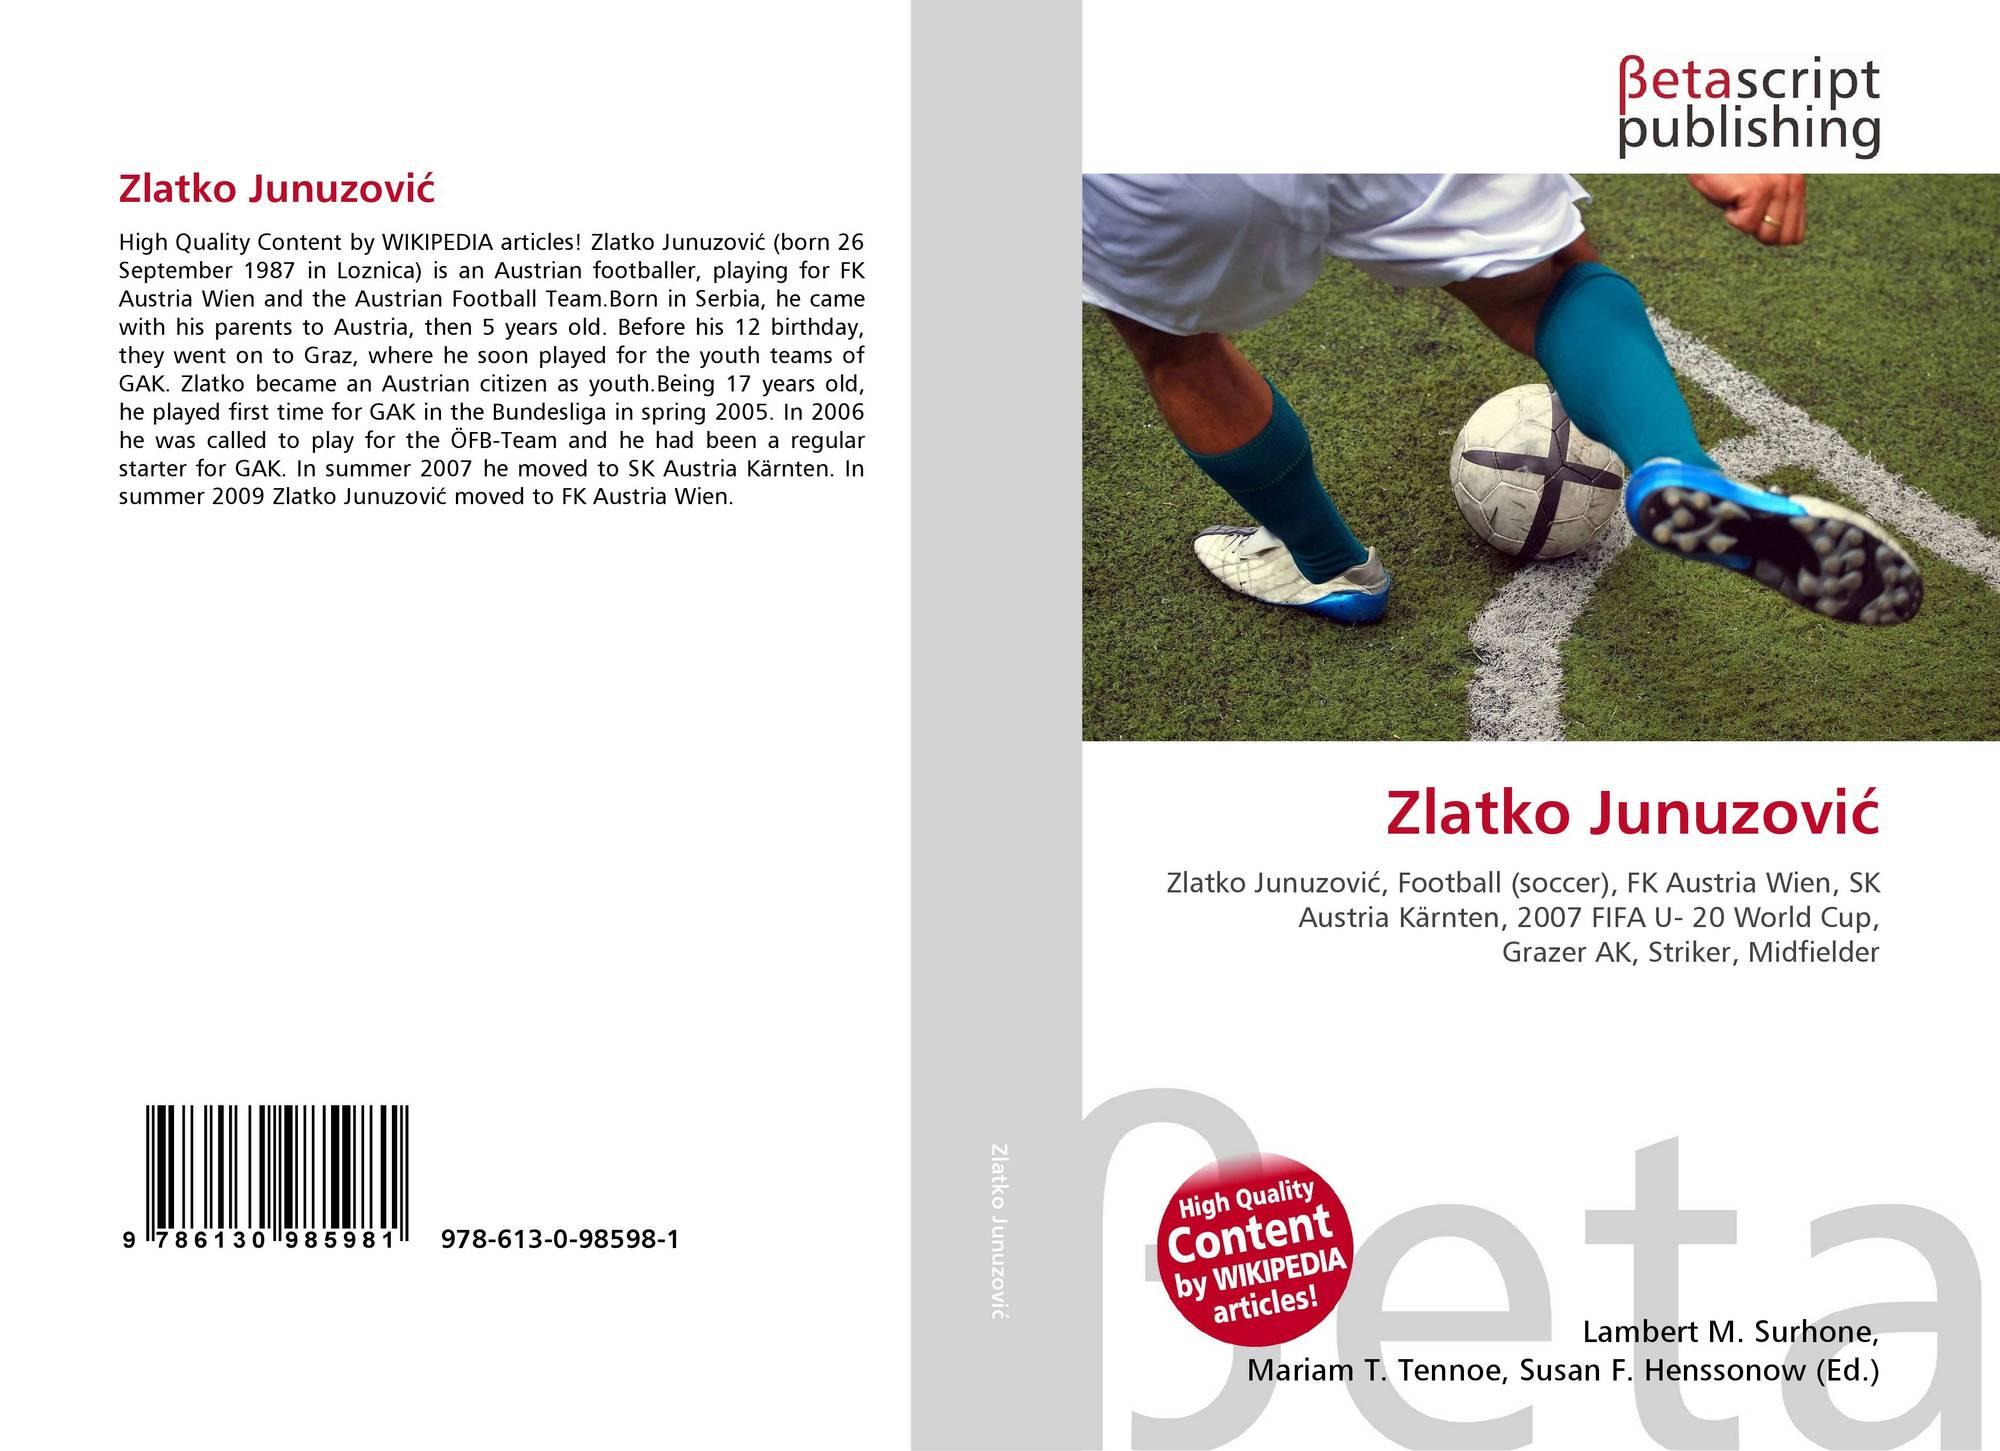 Zlatko Junuzović, 978-613-0-98598-1, 6130985983 ,9786130985981